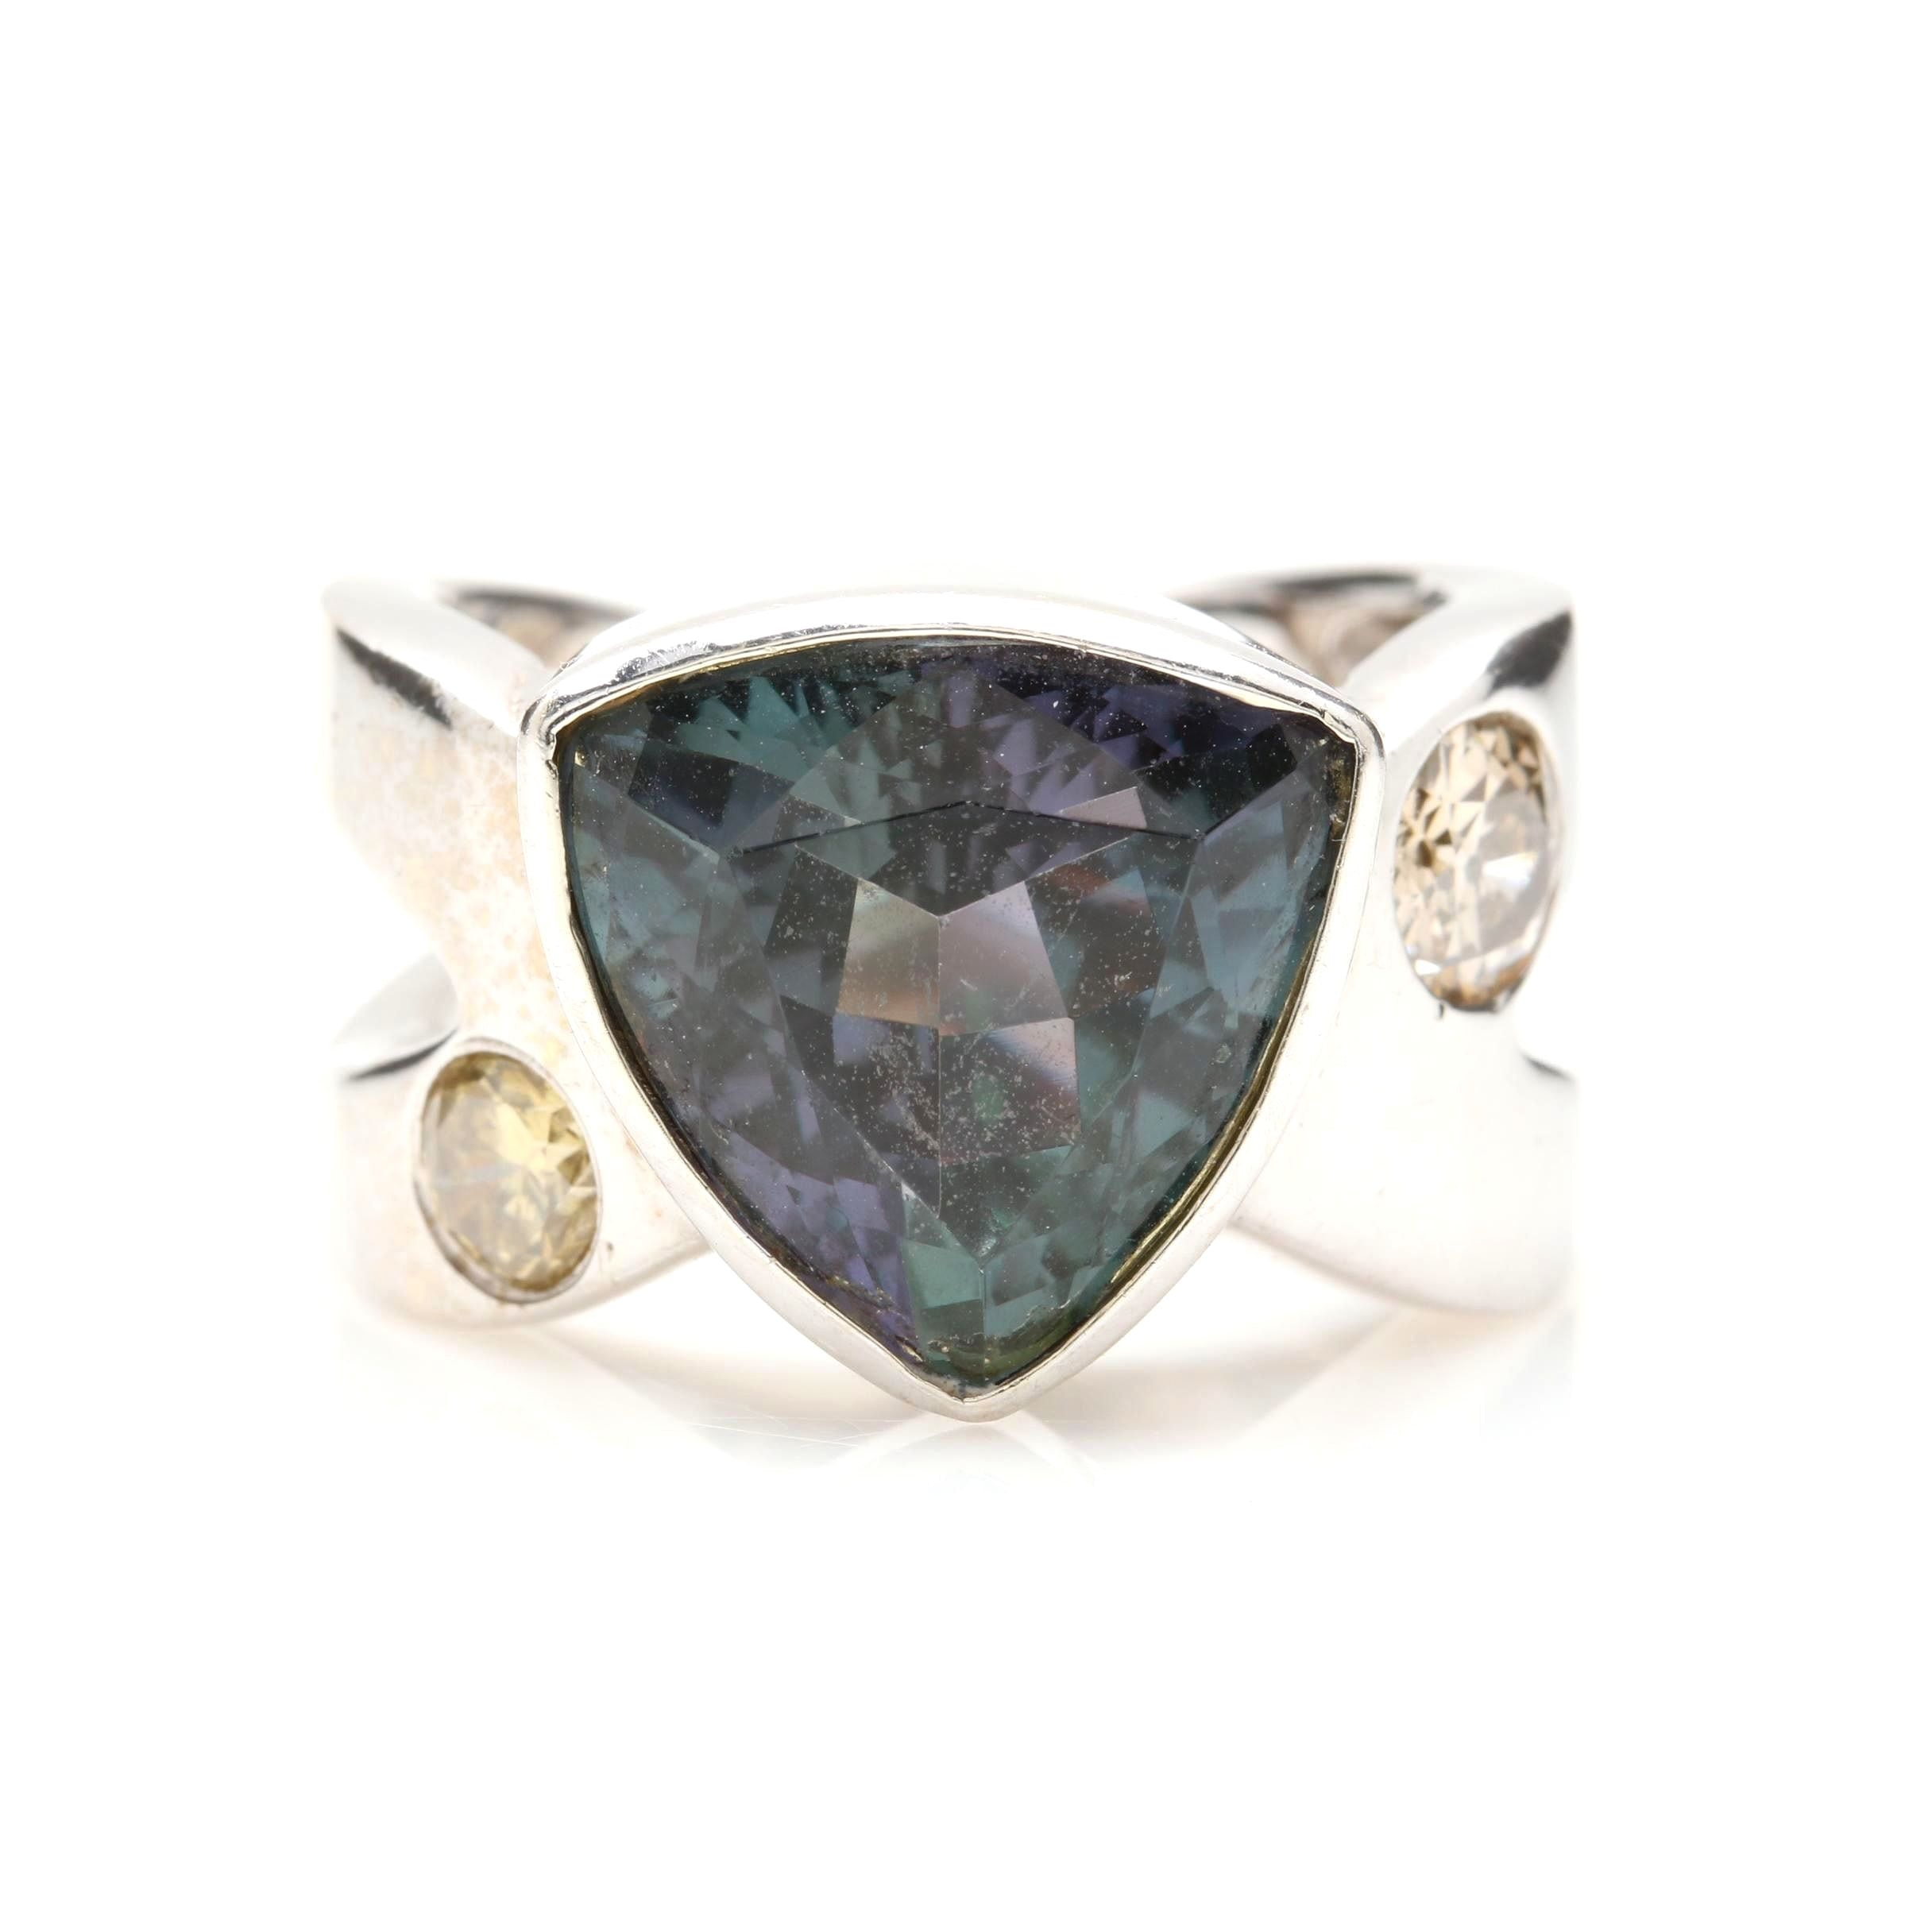 14K White Gold 6.39 CT Tanzanite and Diamond Ring